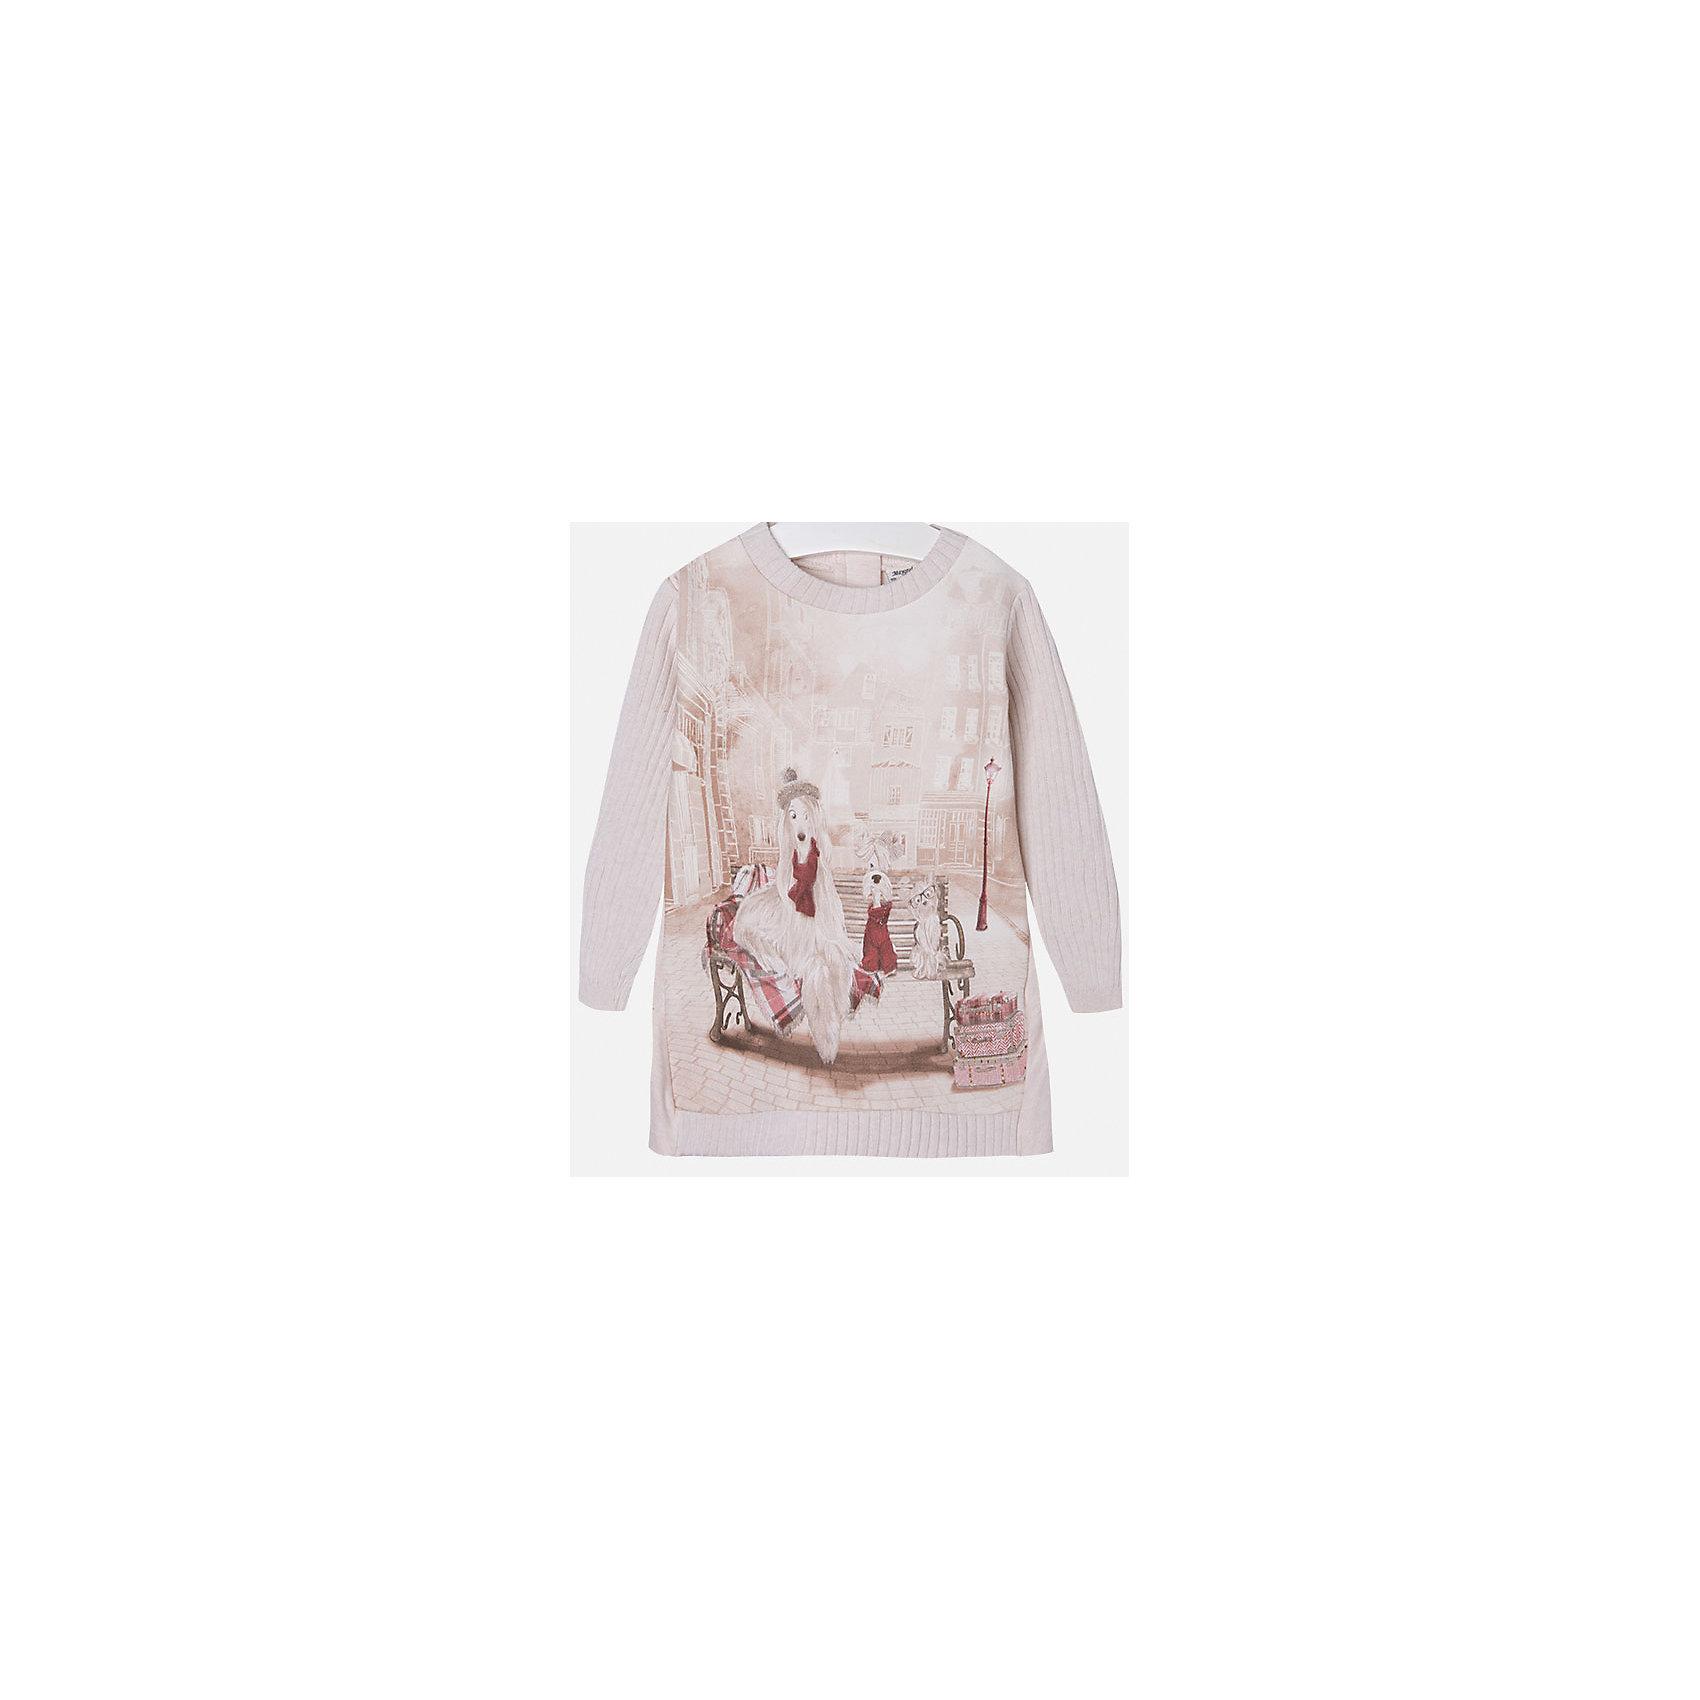 Платье для девочки MayoralОсенне-зимние платья и сарафаны<br>Стильное платье для девочки от известного испанского бренда Mayoral(Майорал). Модель застегивается на молнию сзади и украшена оригинальным крупным принтом спереди. Вязаное платье с красивым рисунком - превосходный выбор для гардероба маленькой модницы!<br>Дополнительная информация:<br>-длинные рукава<br>-застегивается на молнию<br>-крупный принт спереди<br>-цвет: розовый<br>-состав: 86% хлопок, 10% полиэстер, 4% эластан<br>Платье Mayoral(Майорал) вы можете приобрести в нашем интернет-магазине.<br><br>Ширина мм: 236<br>Глубина мм: 16<br>Высота мм: 184<br>Вес г: 177<br>Цвет: бежевый<br>Возраст от месяцев: 18<br>Возраст до месяцев: 24<br>Пол: Женский<br>Возраст: Детский<br>Размер: 110,92,122,134,128,104,98,116<br>SKU: 4844571